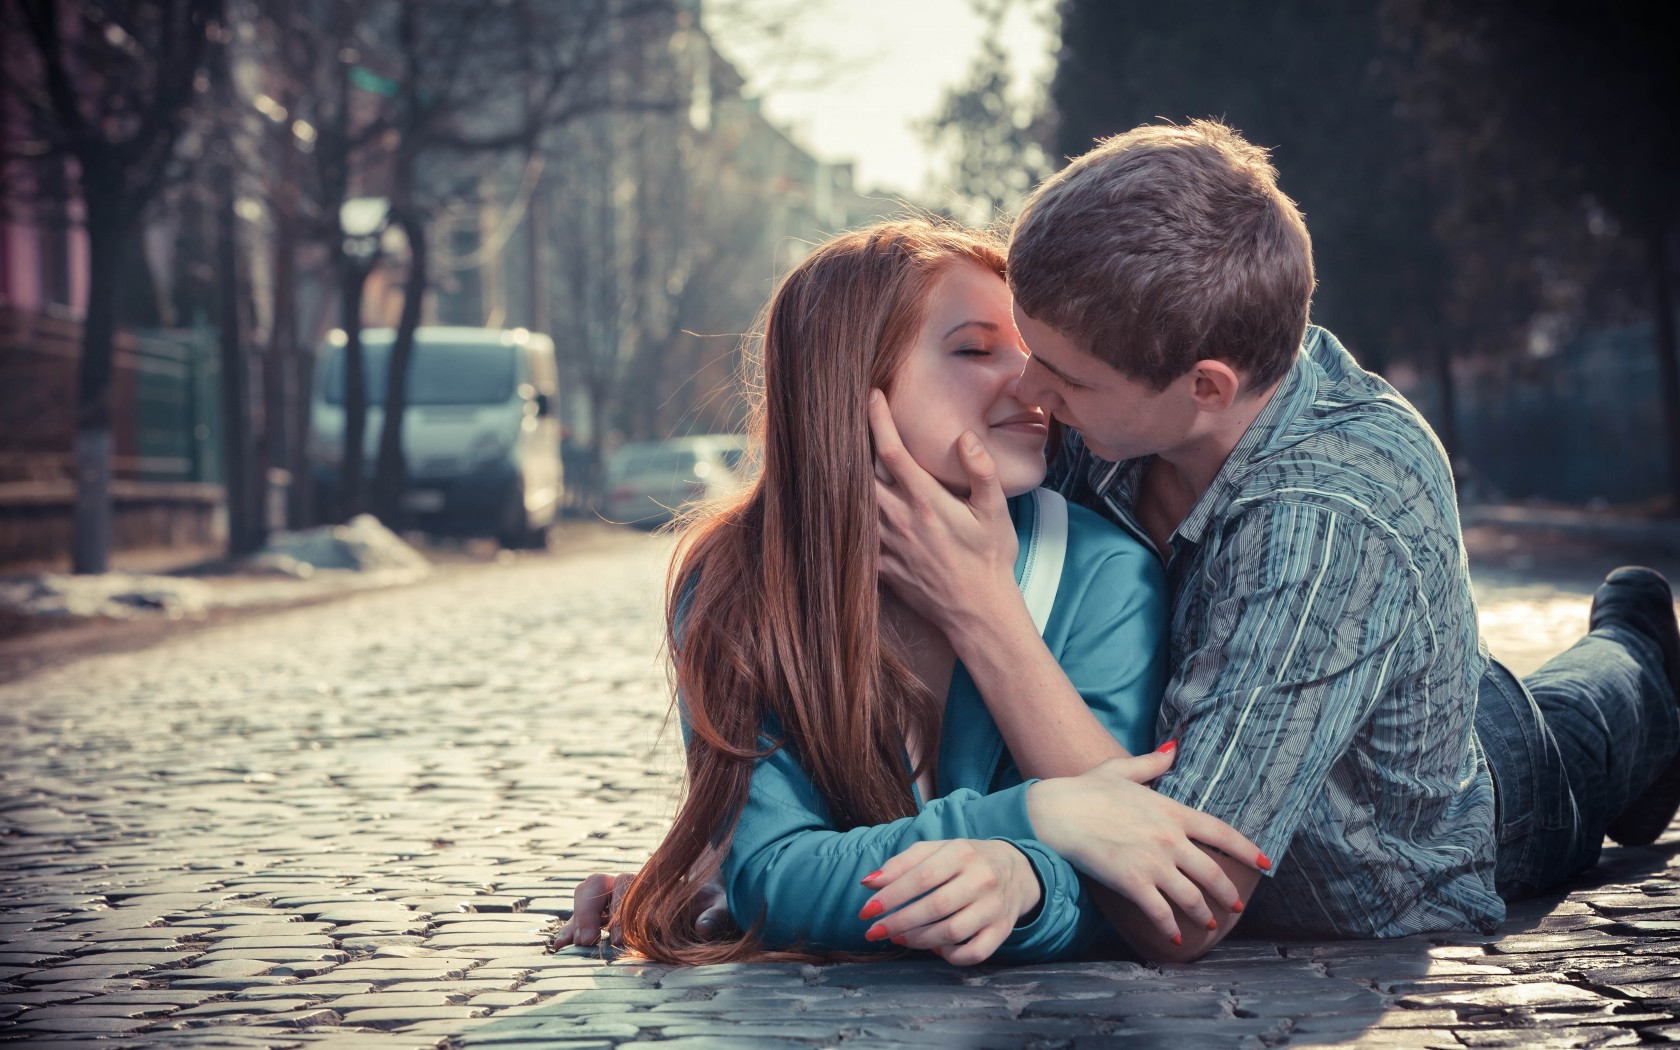 Фото девушек любящих друг друга